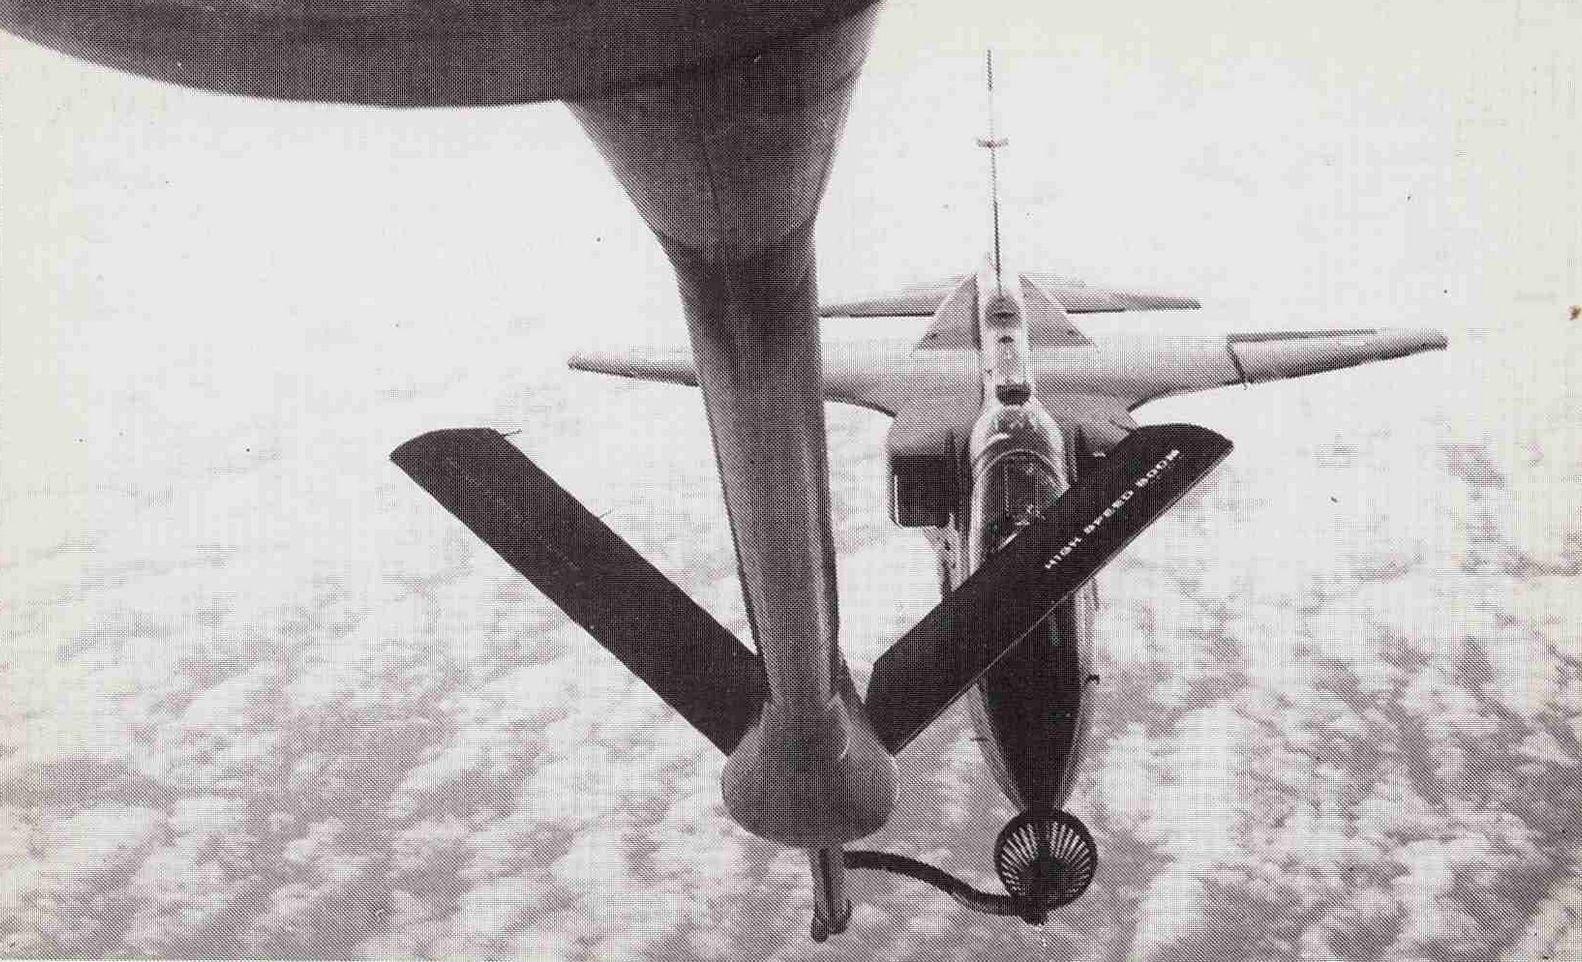 UNE JAGUAR quand il s'agit d'une automobile et UN JAGUAR quand il s'agit d'un avion